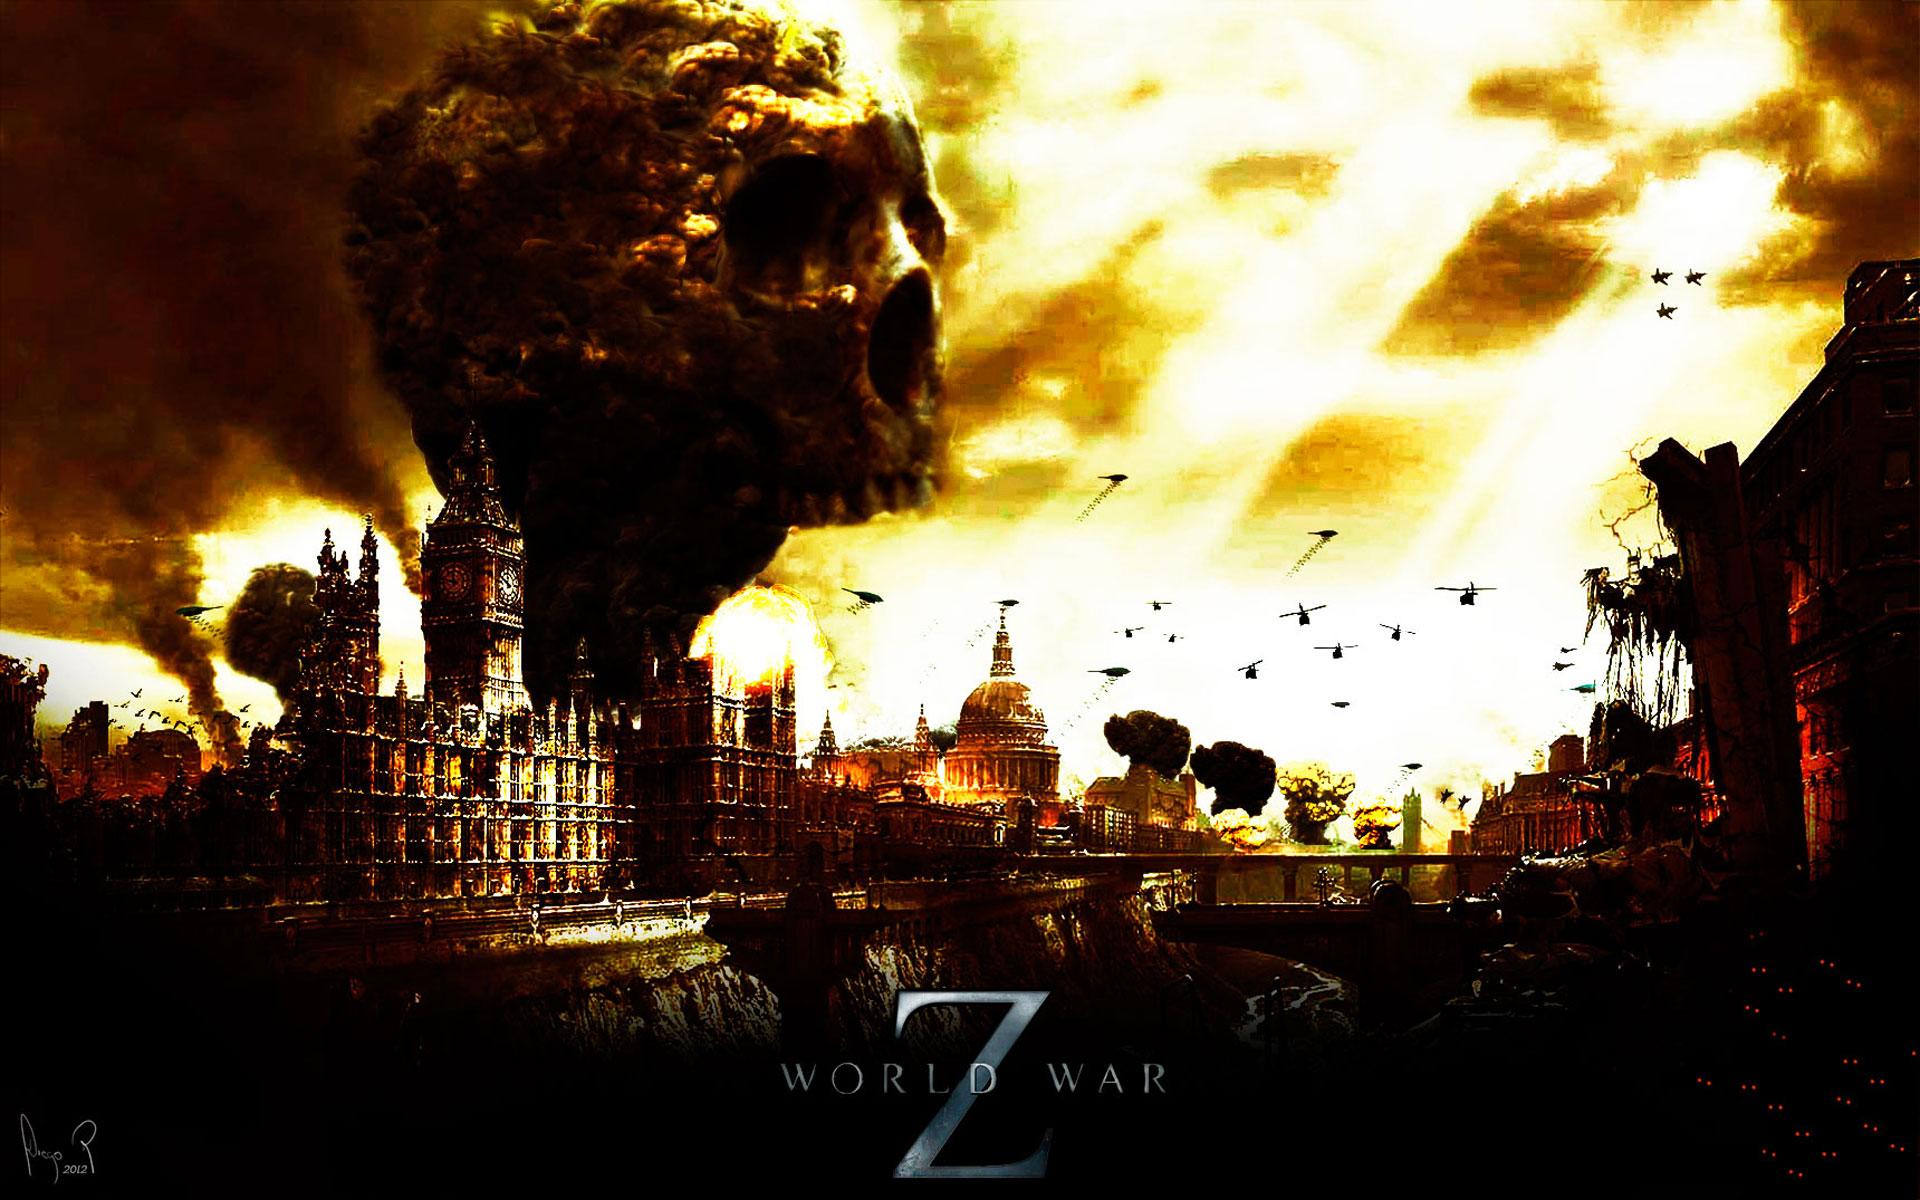 World War Z wallpaper 5